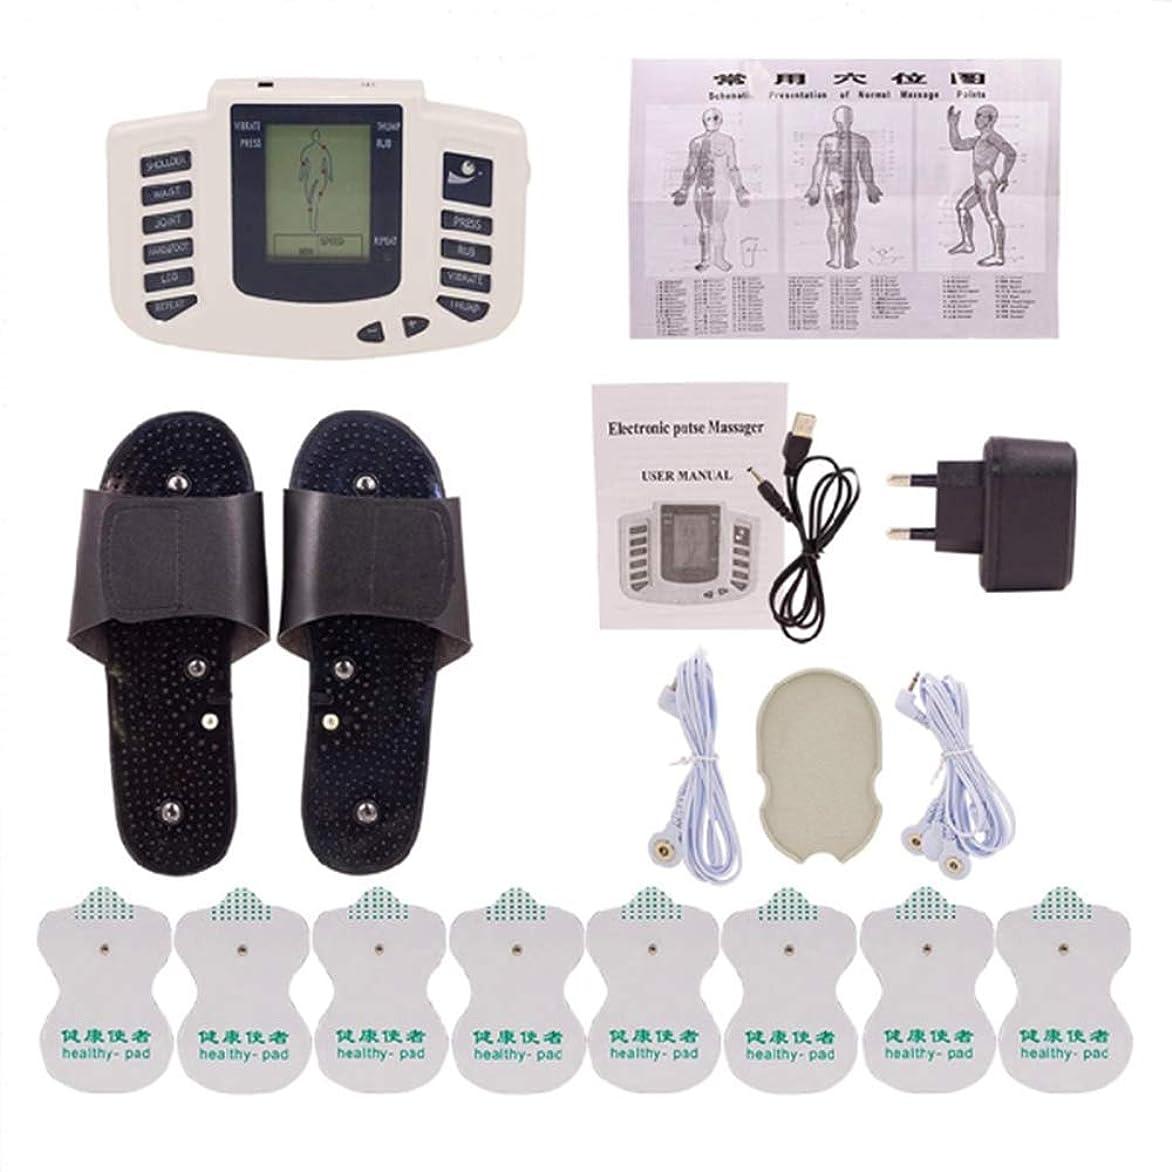 ディレイ空いているを通してTENSマッサージャー、マッスル刺激装置、電極パッド付き鍼治療マッサージ痛み緩和と回復のための16個、デュアルチャンネル、デジタル充電式パルス理学療法